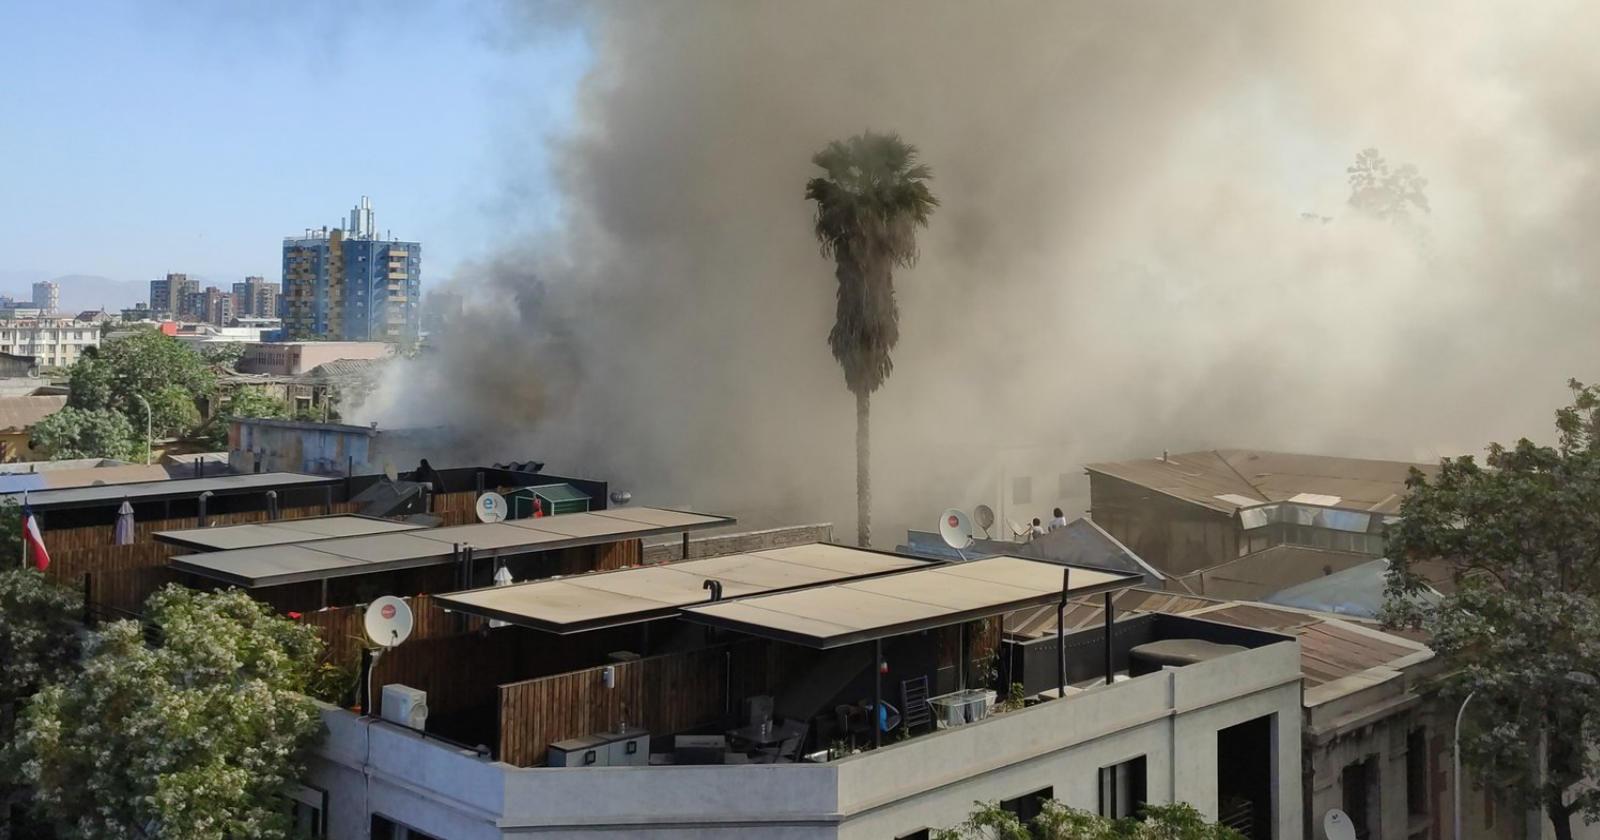 Gigantesco incendio en Barrio Yungay afectó a cuatro casas